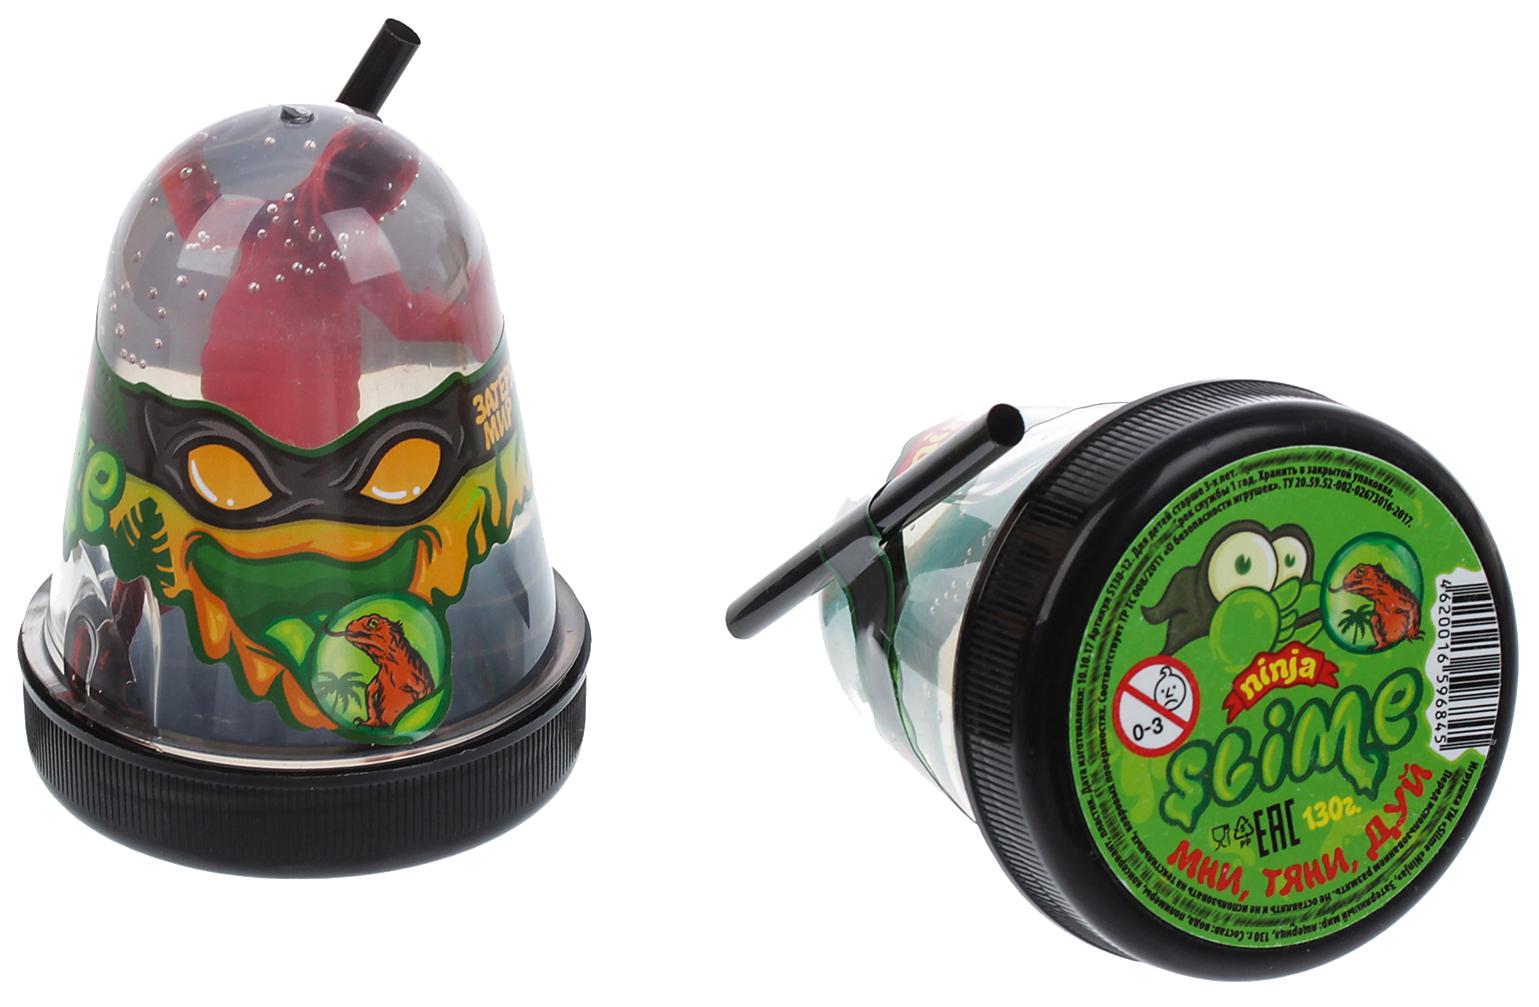 Купить Лизун Ninja Slime Затерянный мир - Динозавр, 130 гр. Волшебный мир,